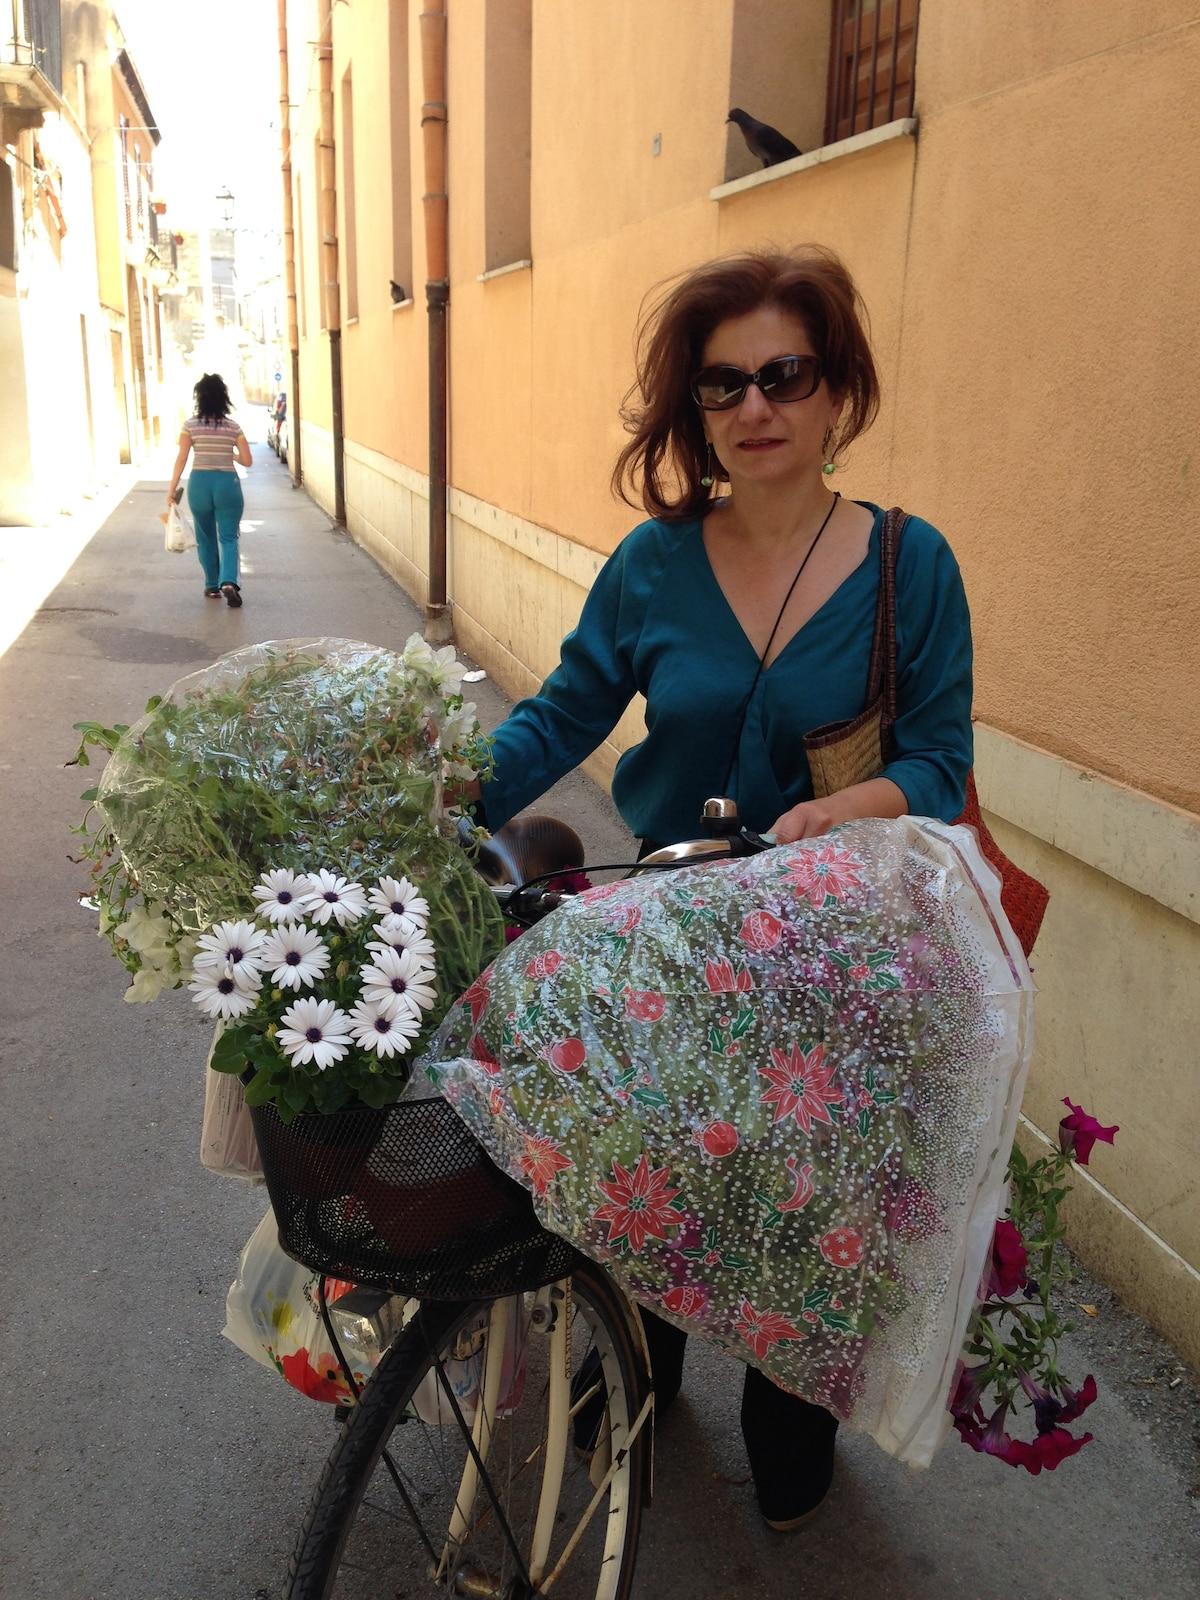 Giovanna from Marsala